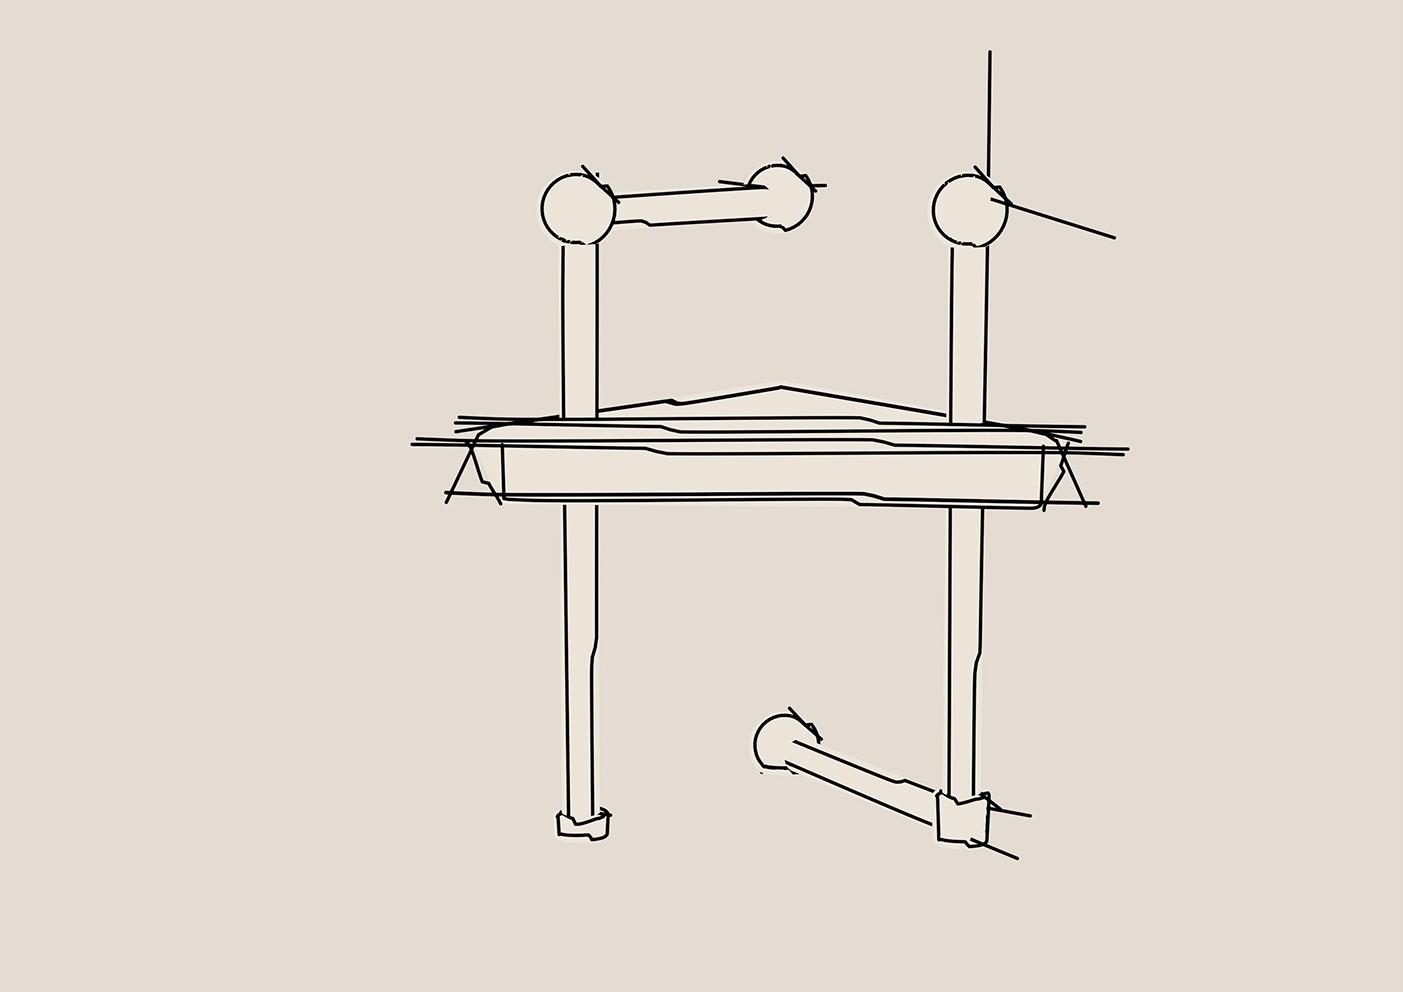 Murad-design-studio-designagentur-murad-ghanaimy-design-werbung-kreativ-zeichnen-produktdesign